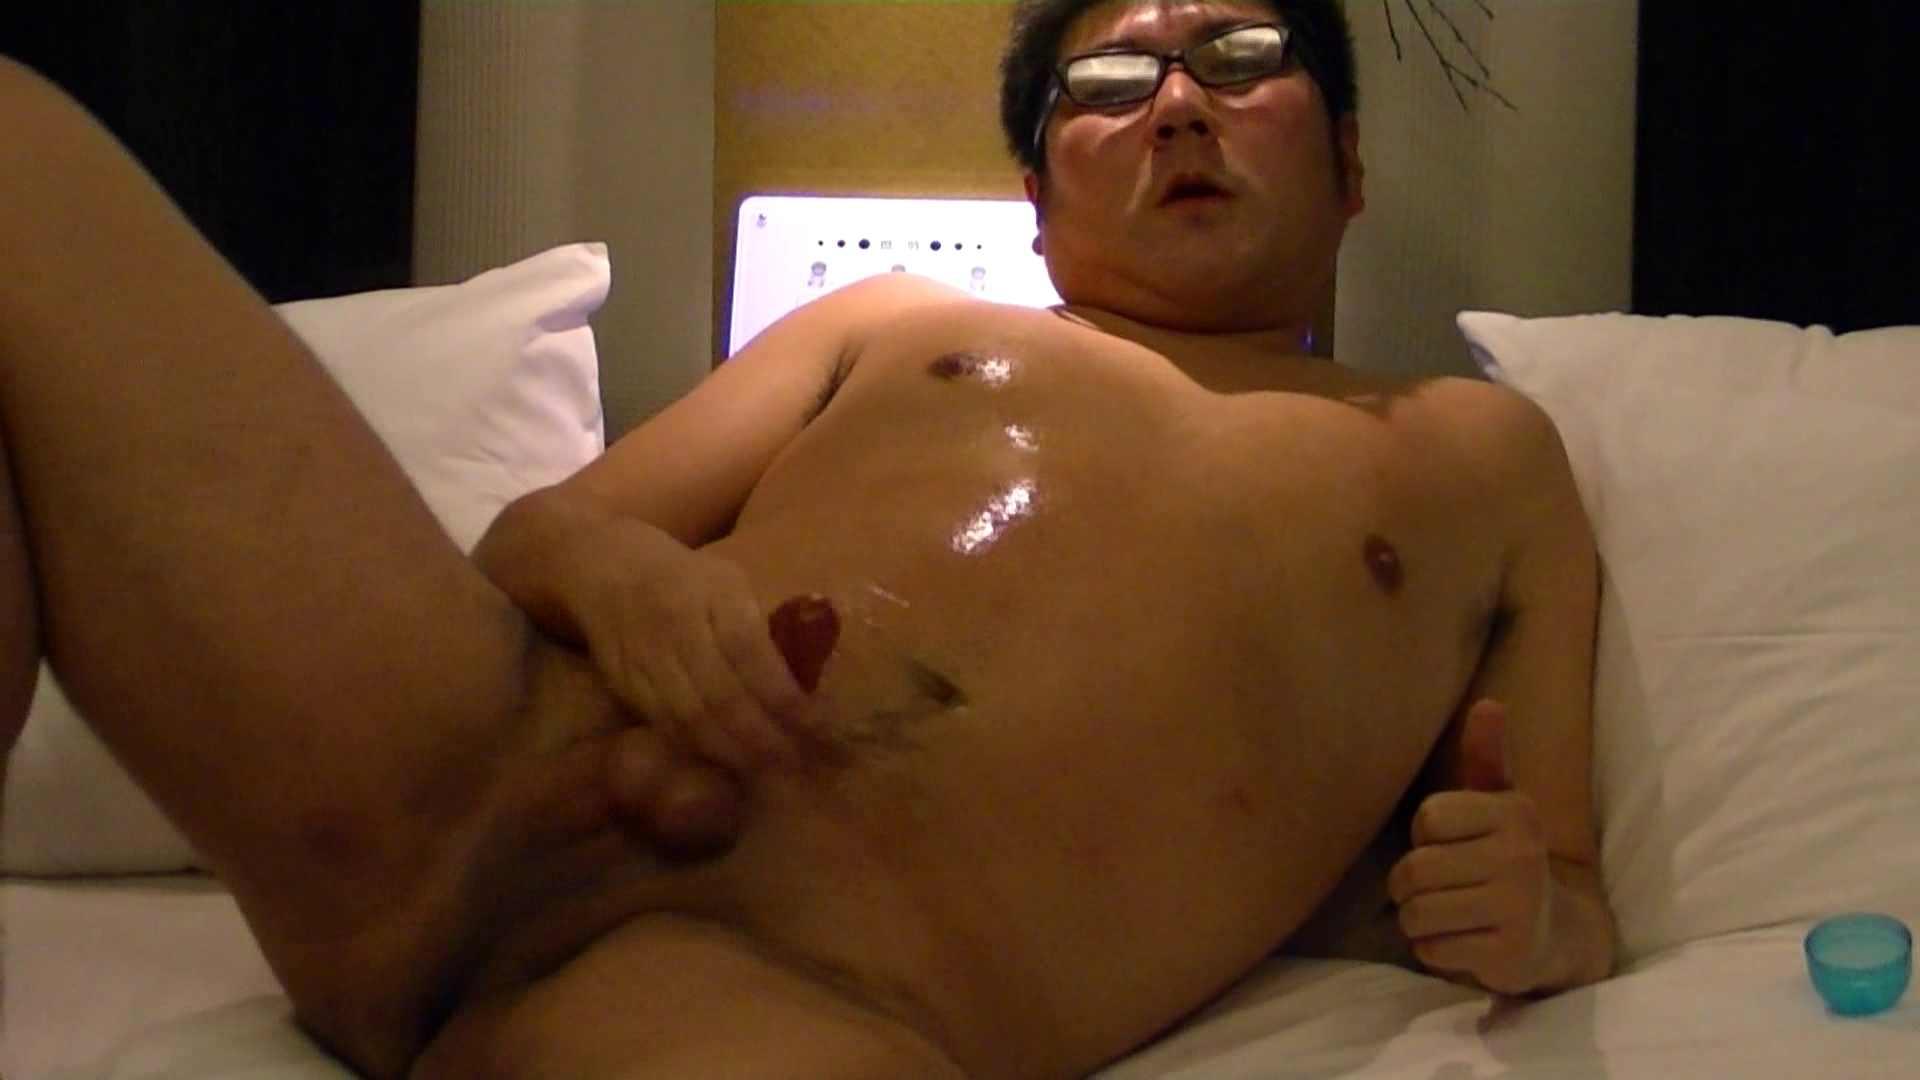 ゲイところてん|Mr.オナックスさん投稿!HD 貴方のオナニー三万円で撮影させてください。VOL.03 後編|ローション